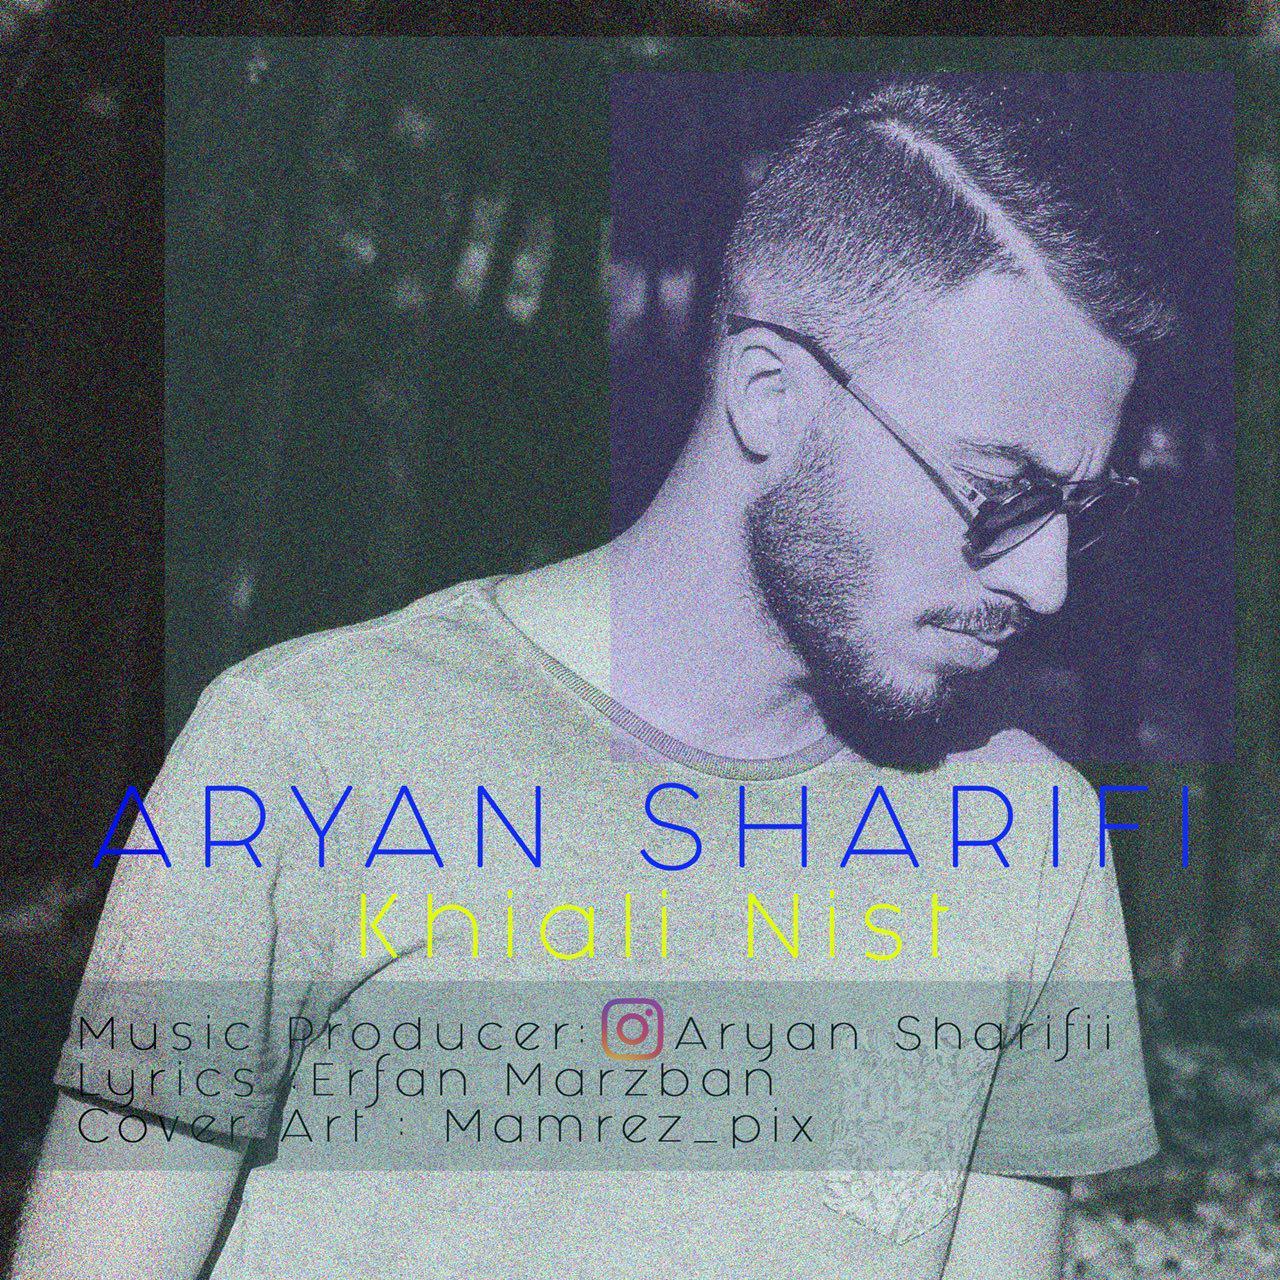 Aryan Sharifi – Khiali Nist